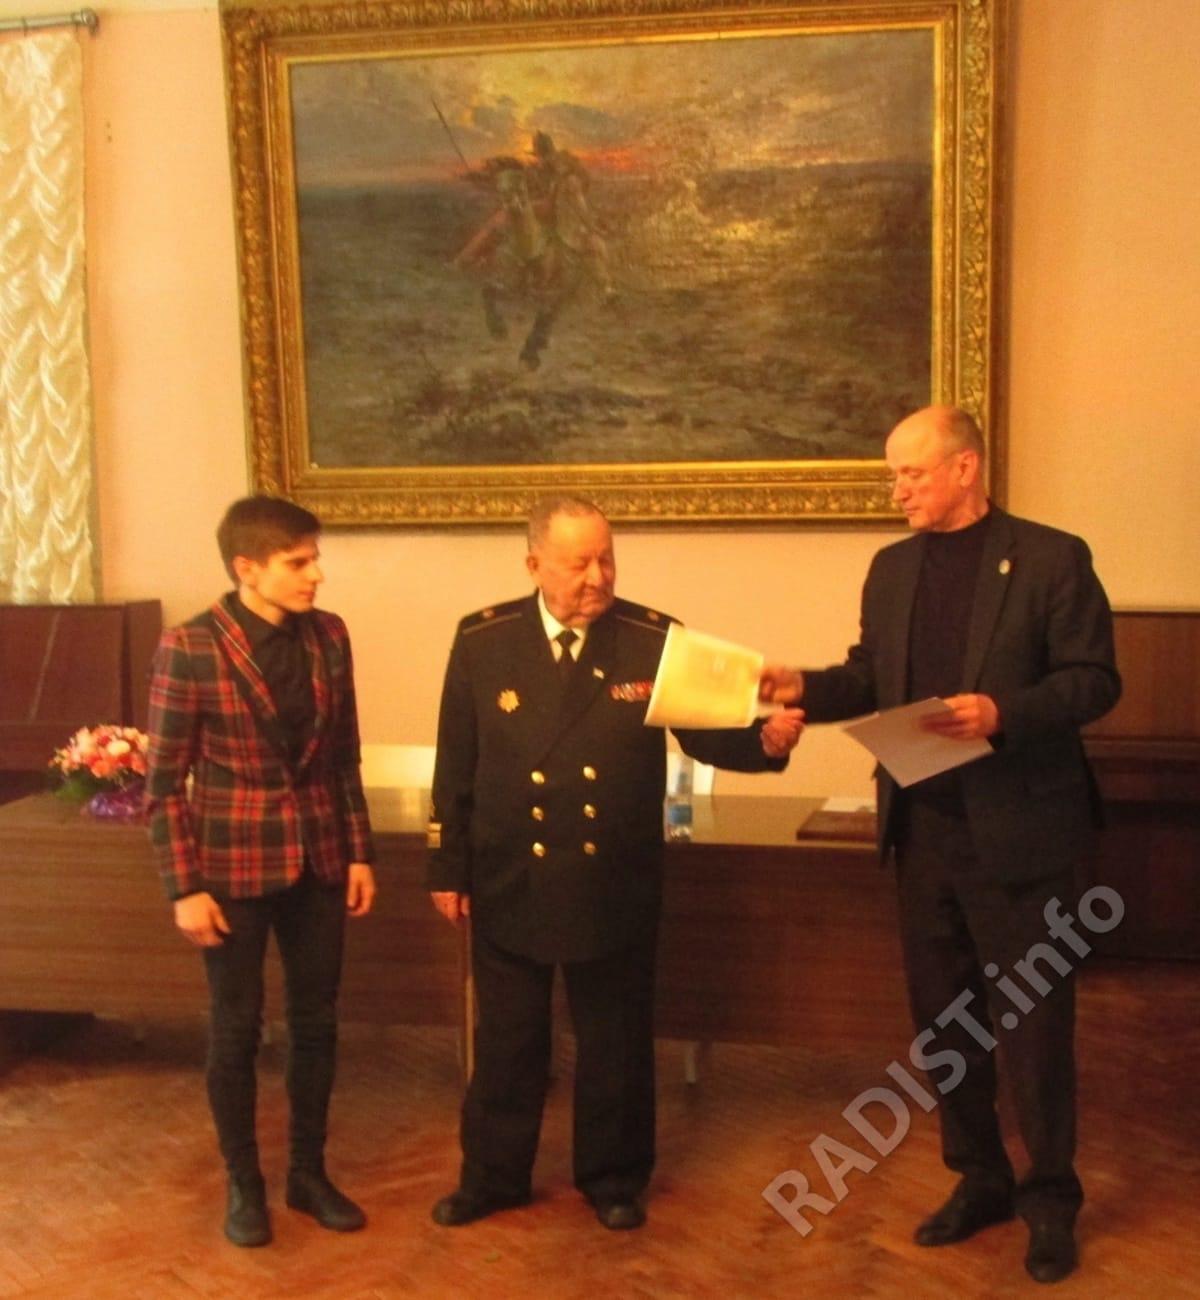 Члены Президиума - А.В. Спешилов и А.П. Тарапон вручают диплом участнику юбилейных научных чтений